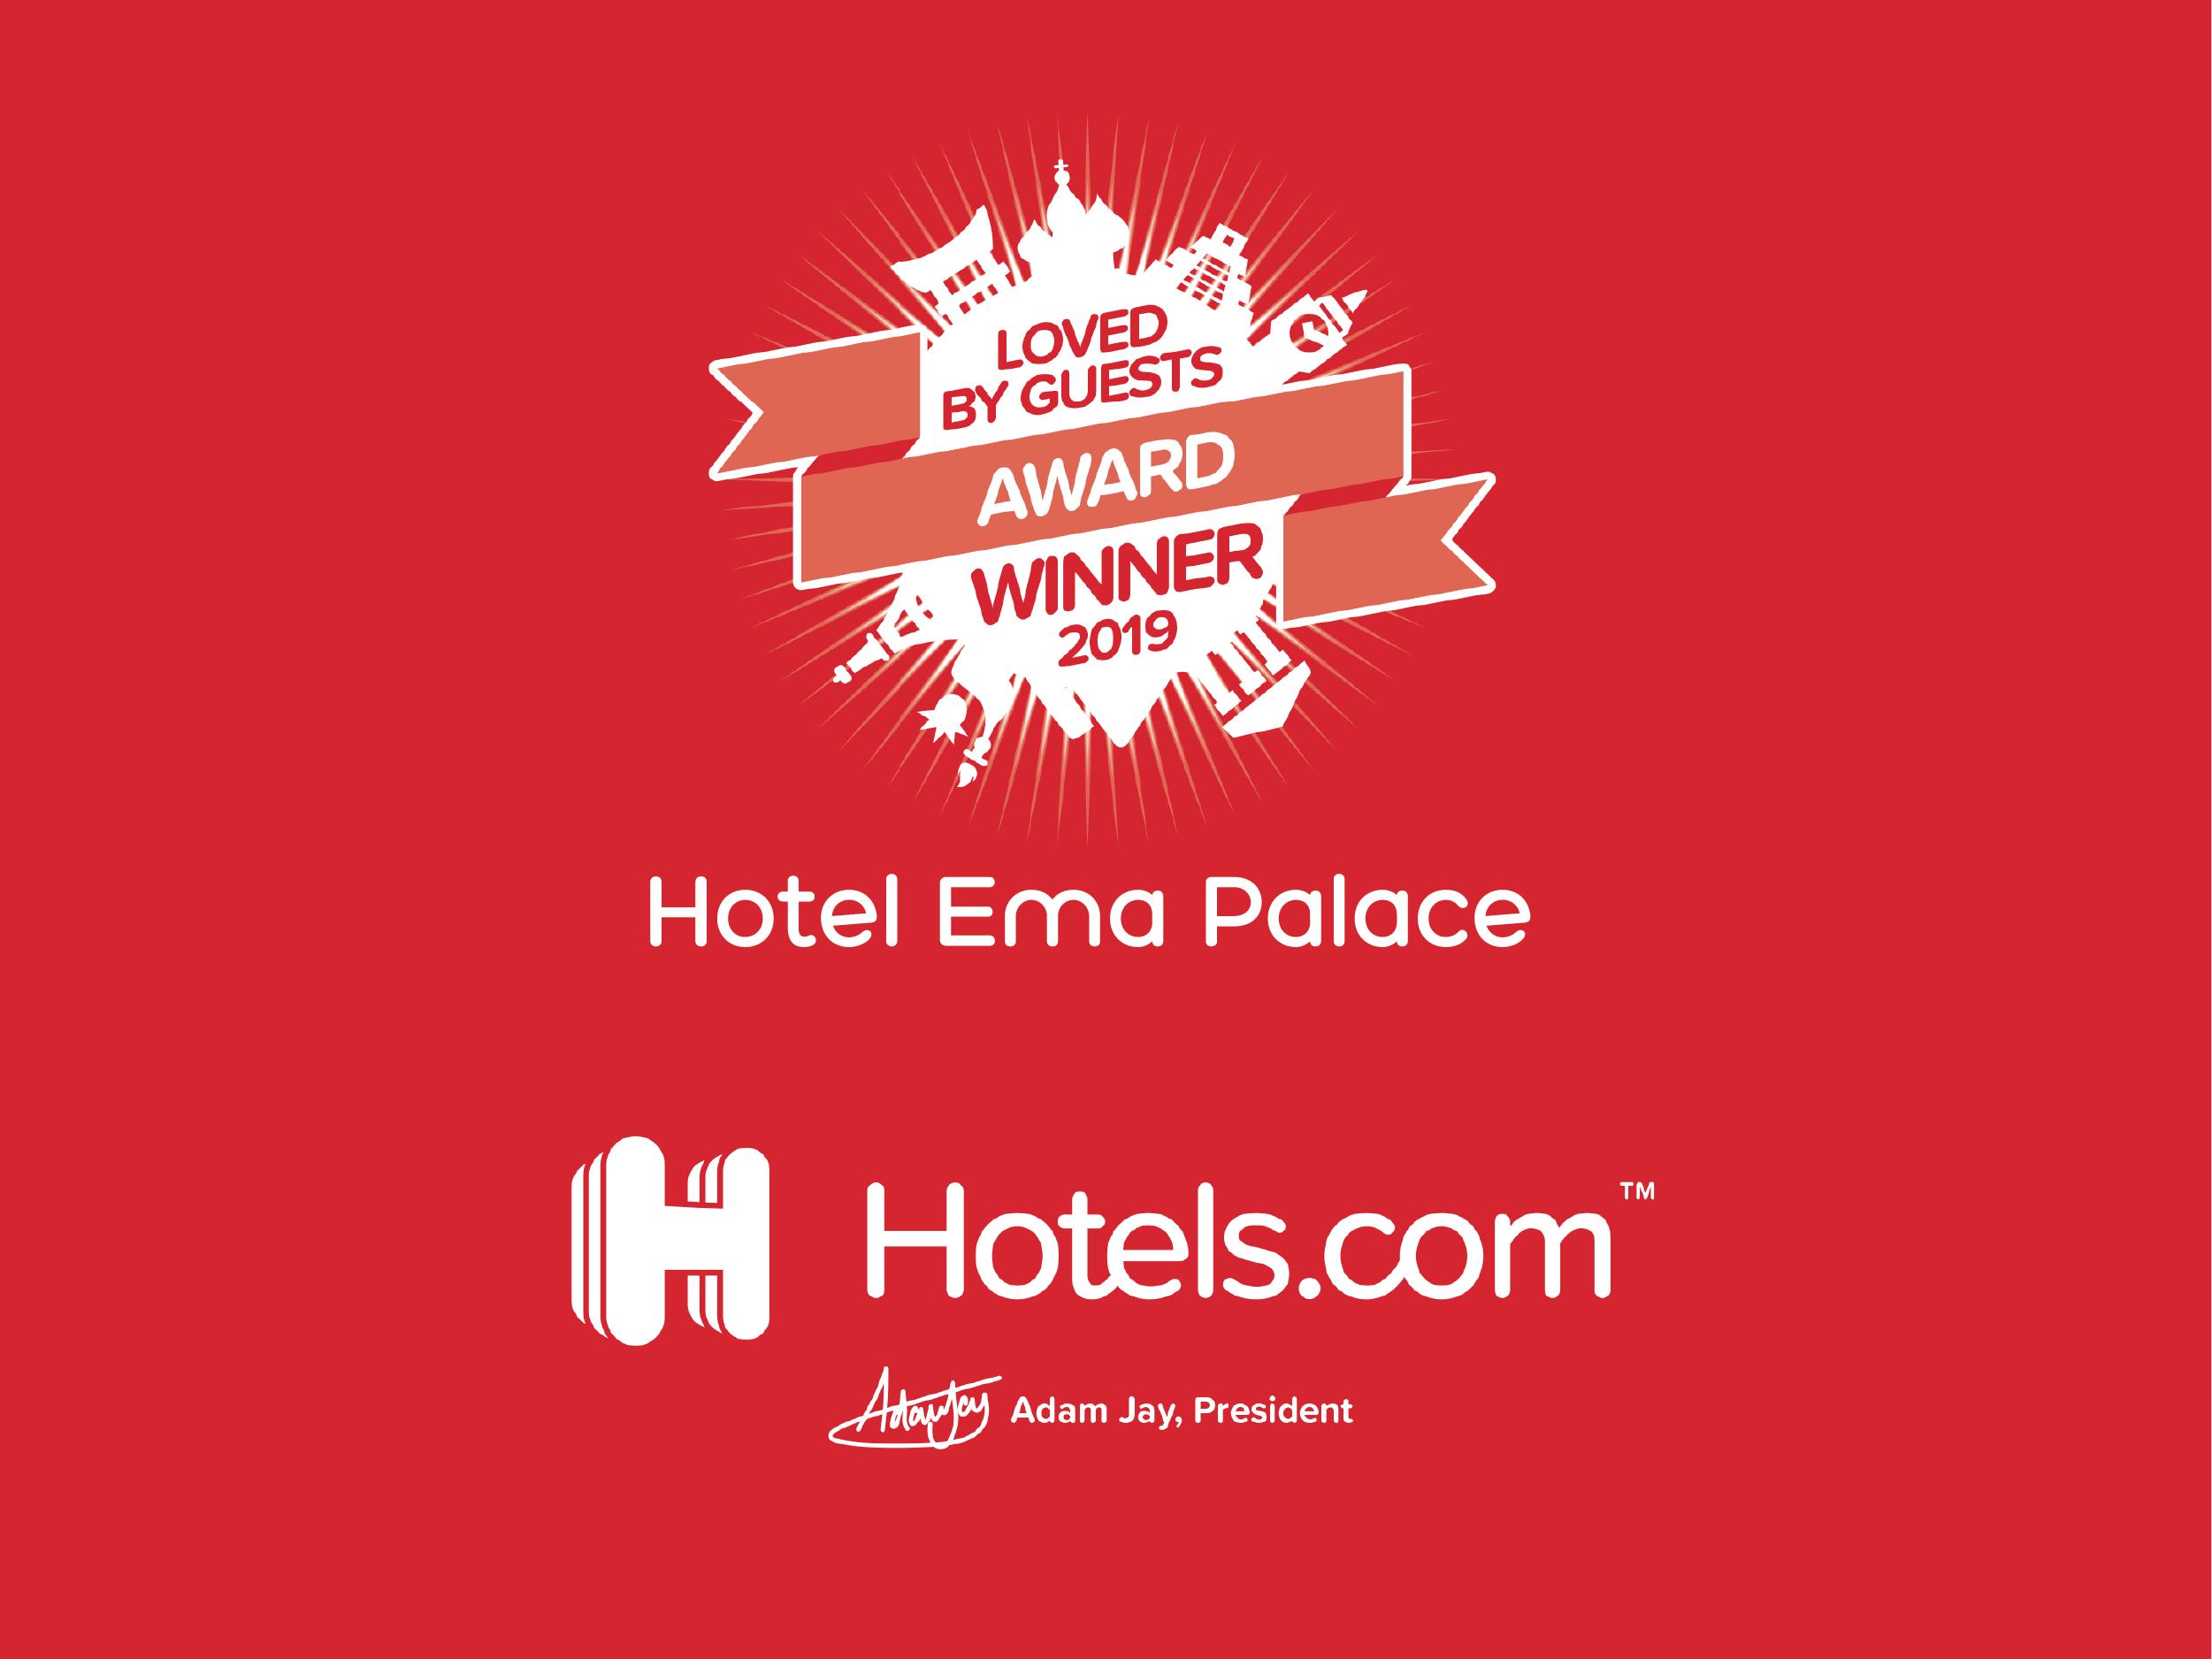 Ema palace premios-06